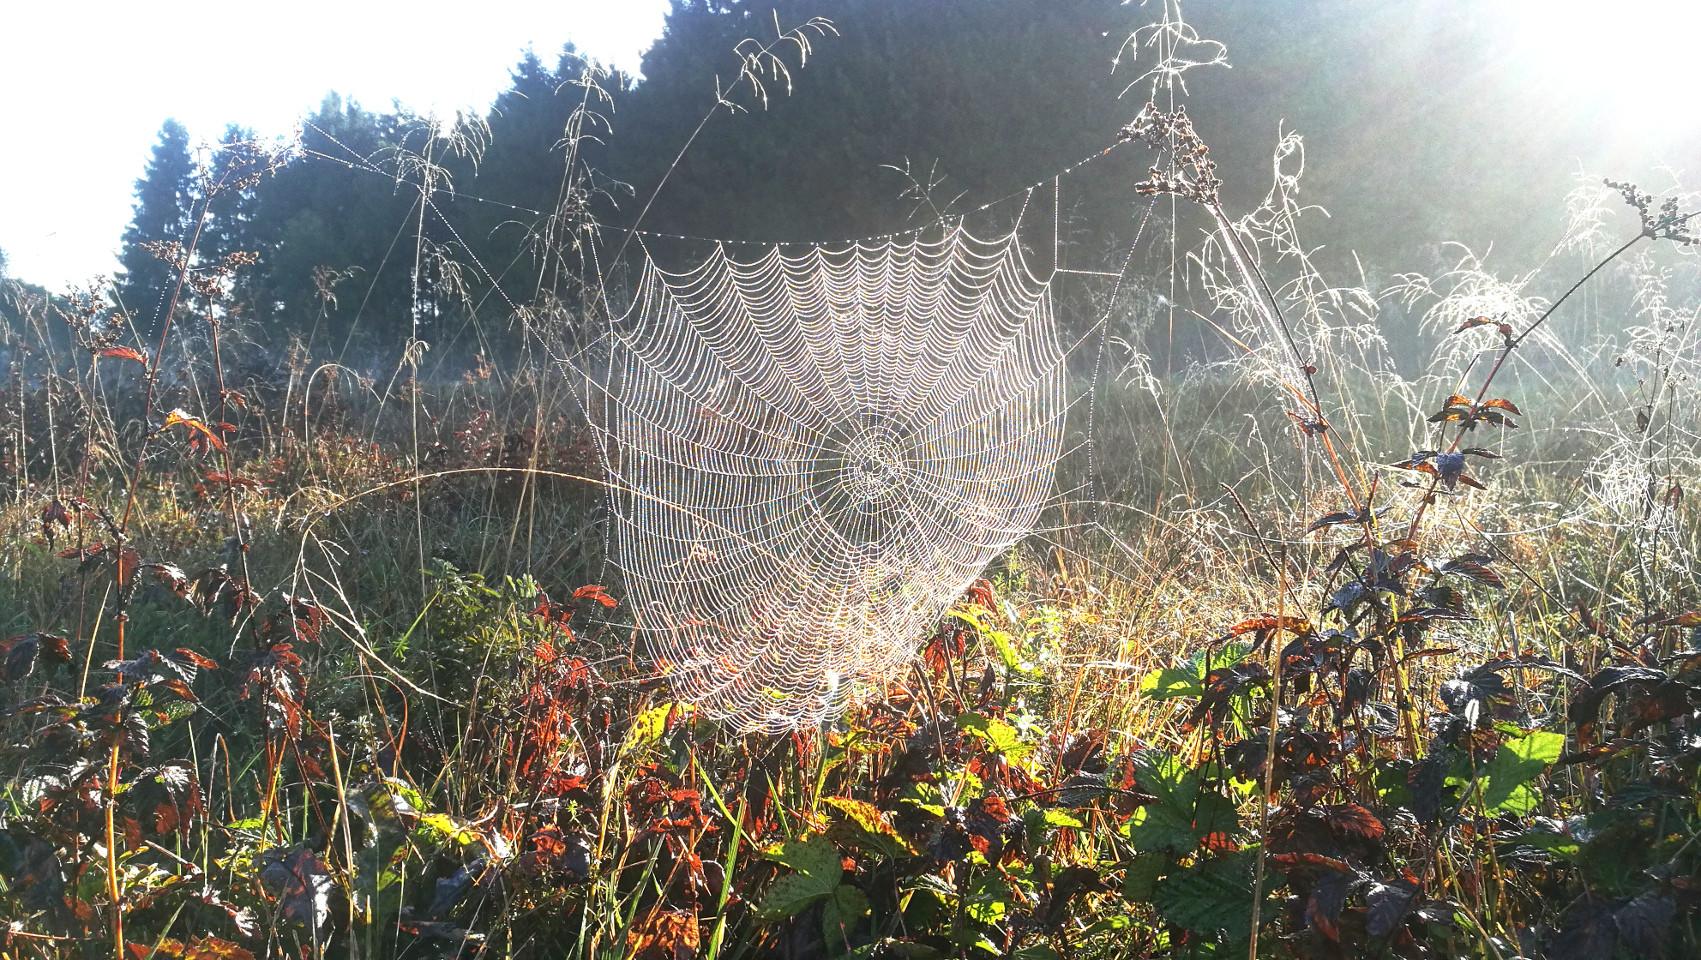 Spiderchen.jpg